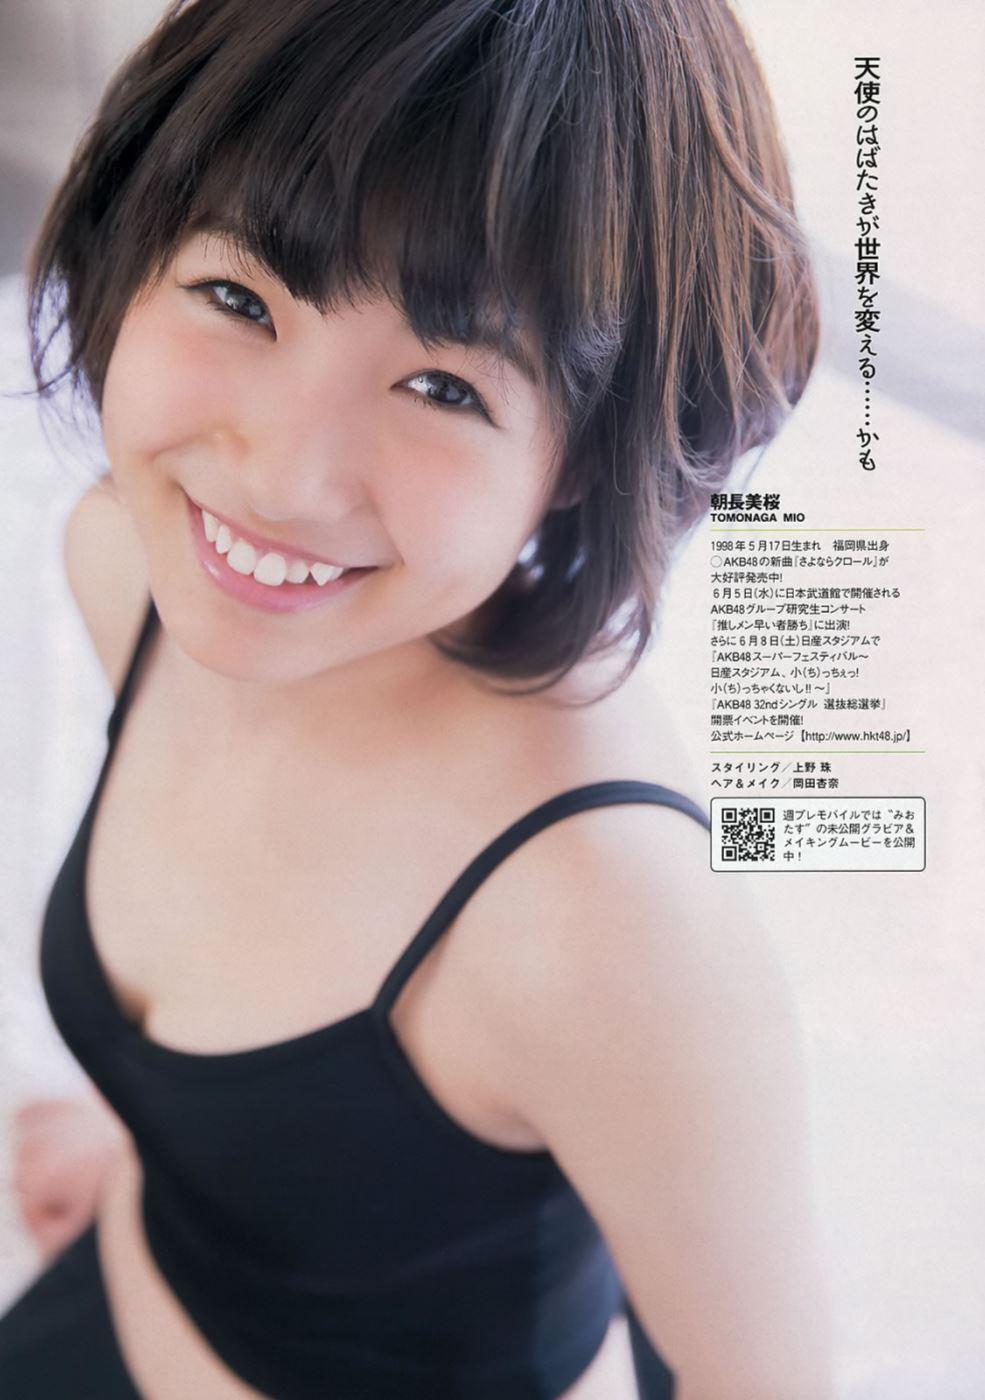 朝長美桜 画像 5